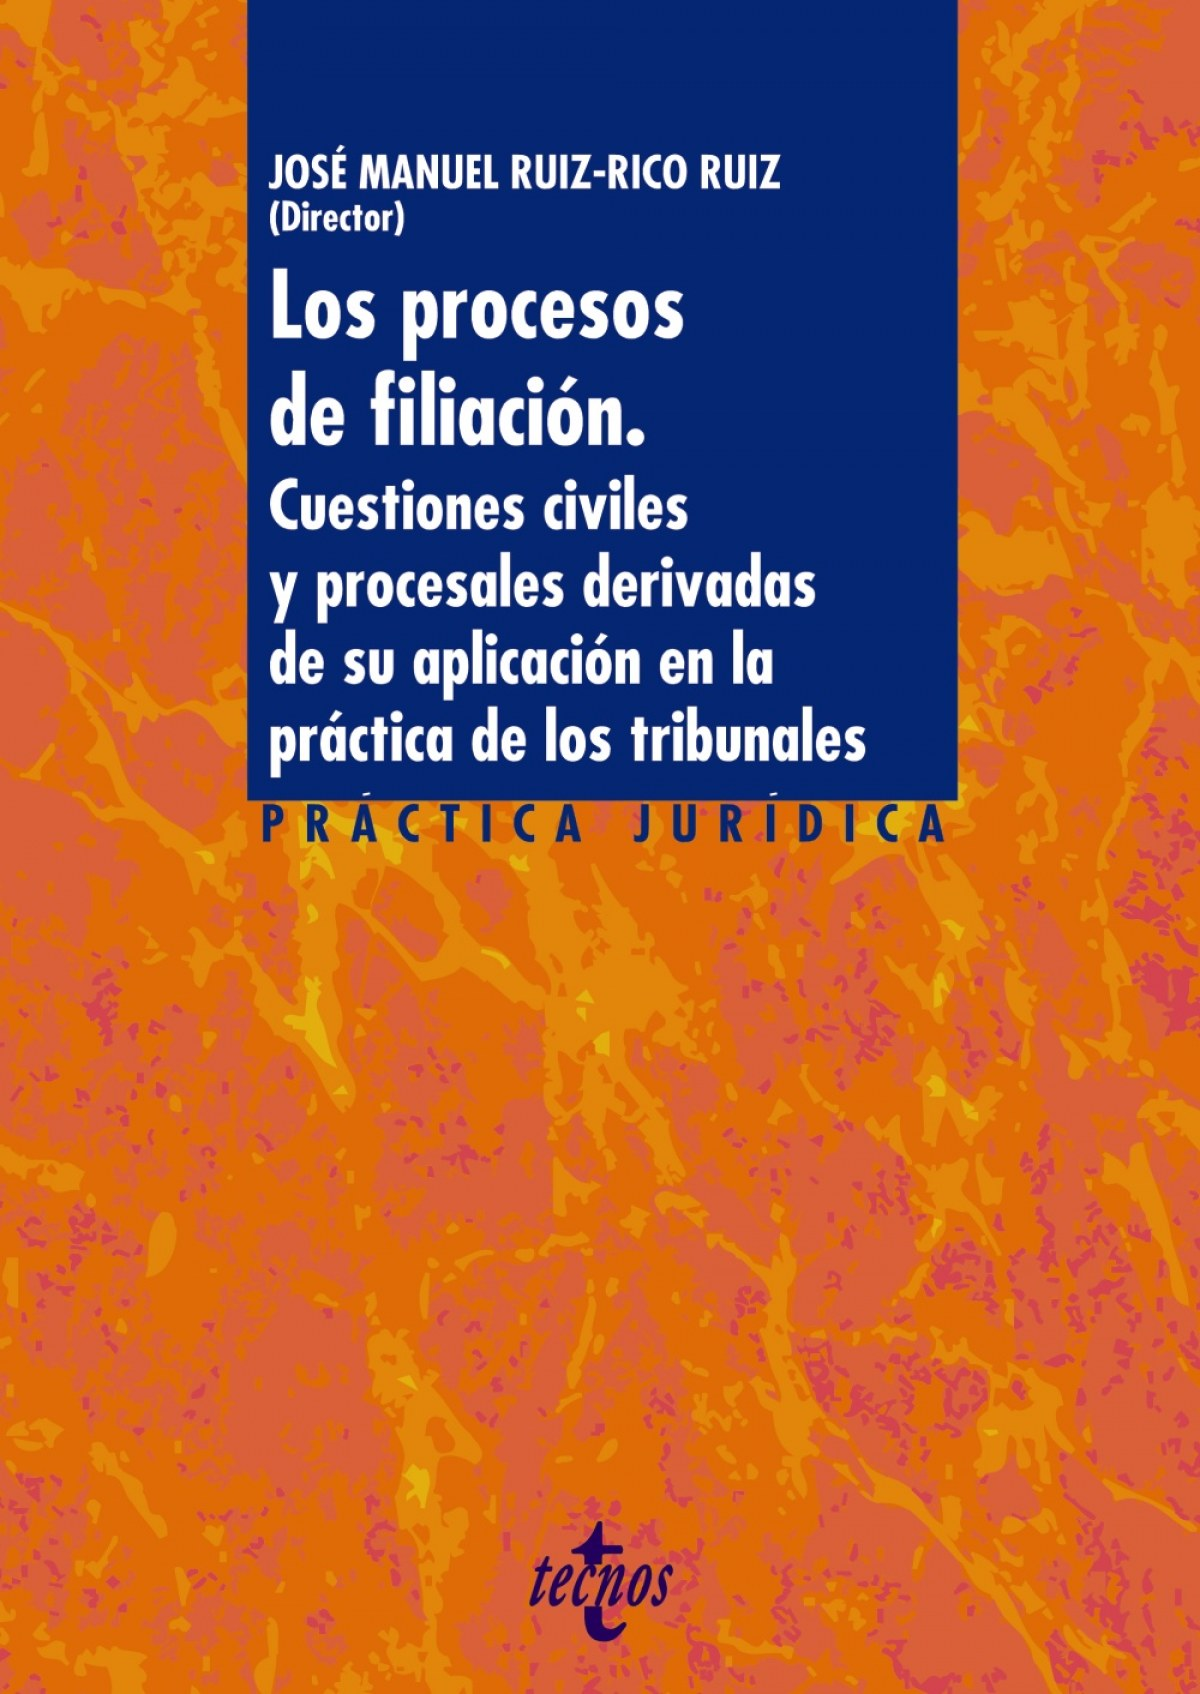 Los procesos de filiación